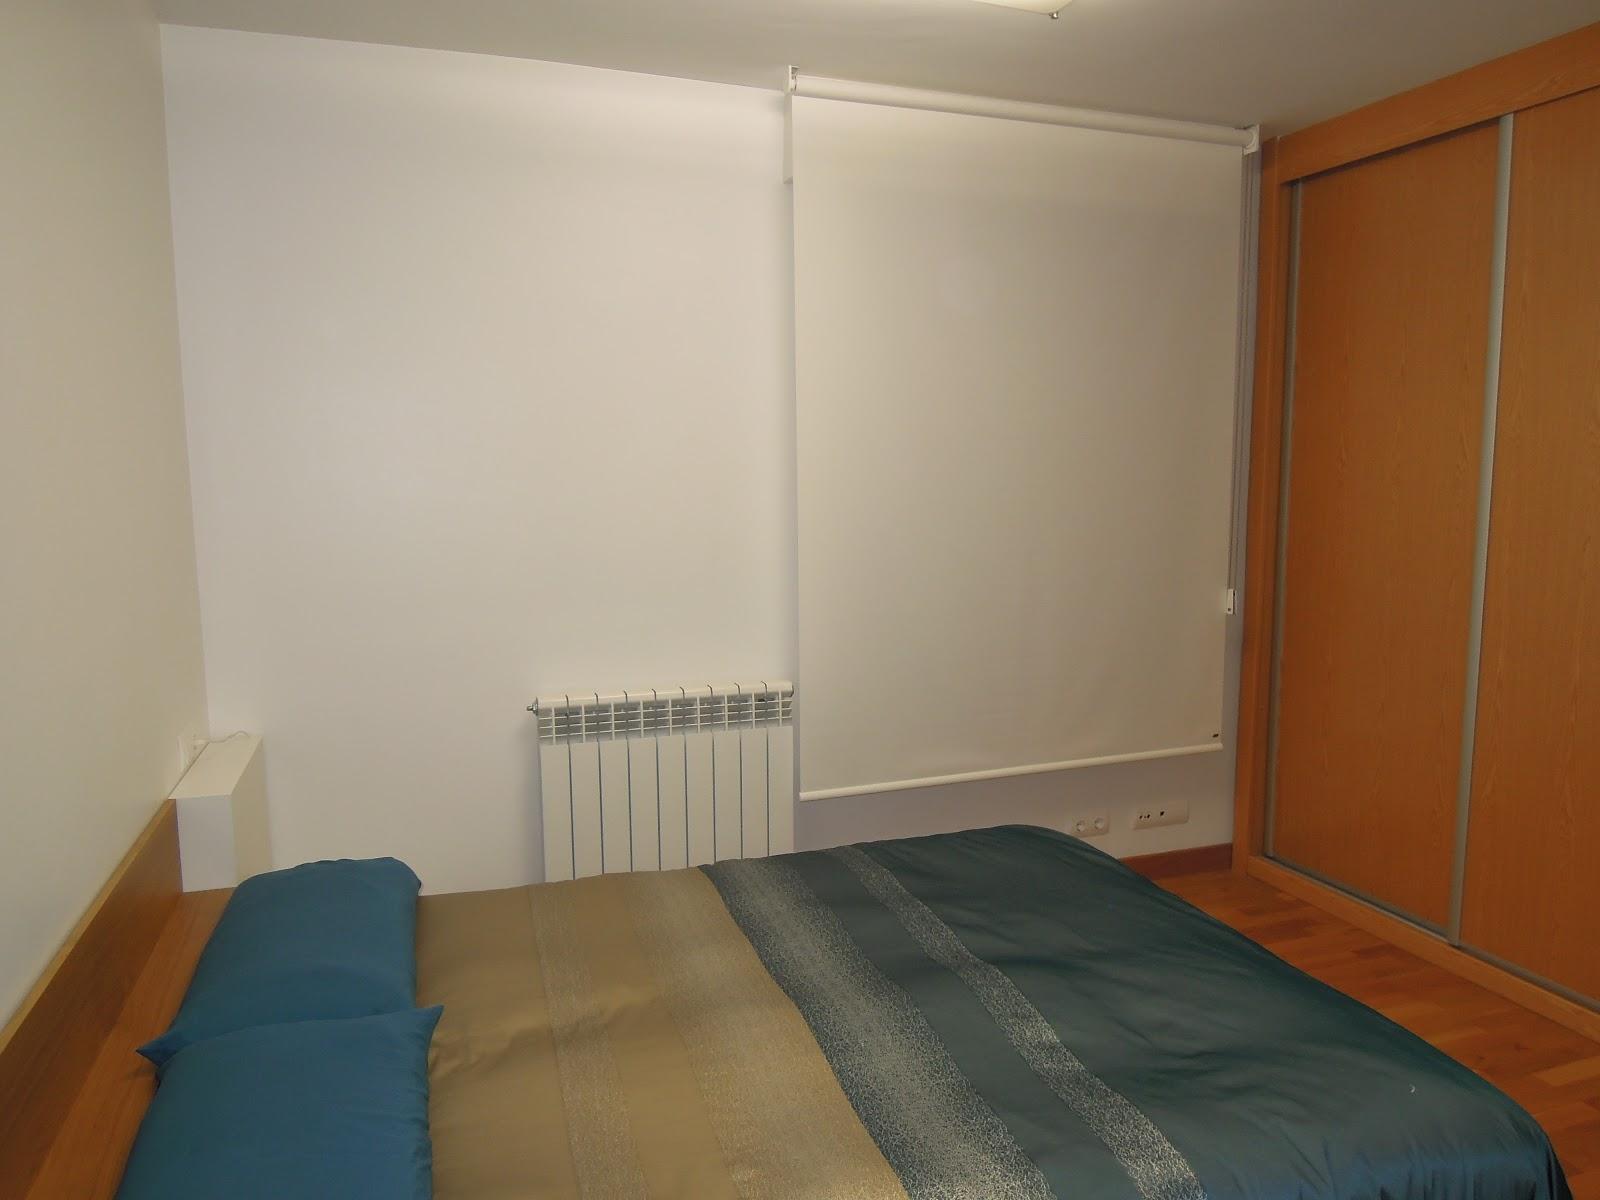 Fotos de cortinas dormitorio principal 2012 for Cortinas dormitorio principal